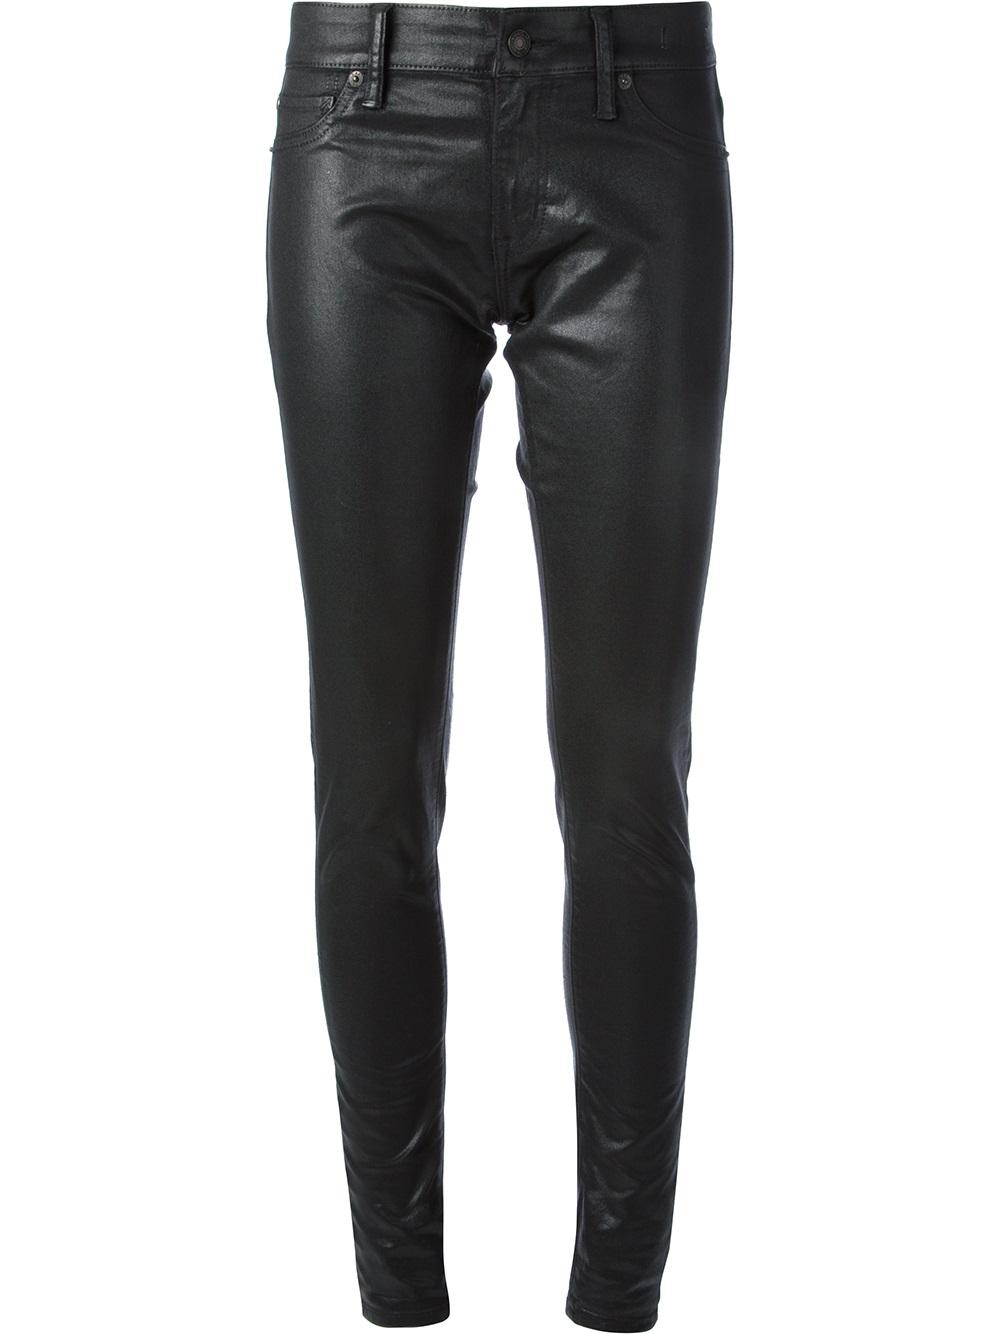 Lauren coated skinny jeans